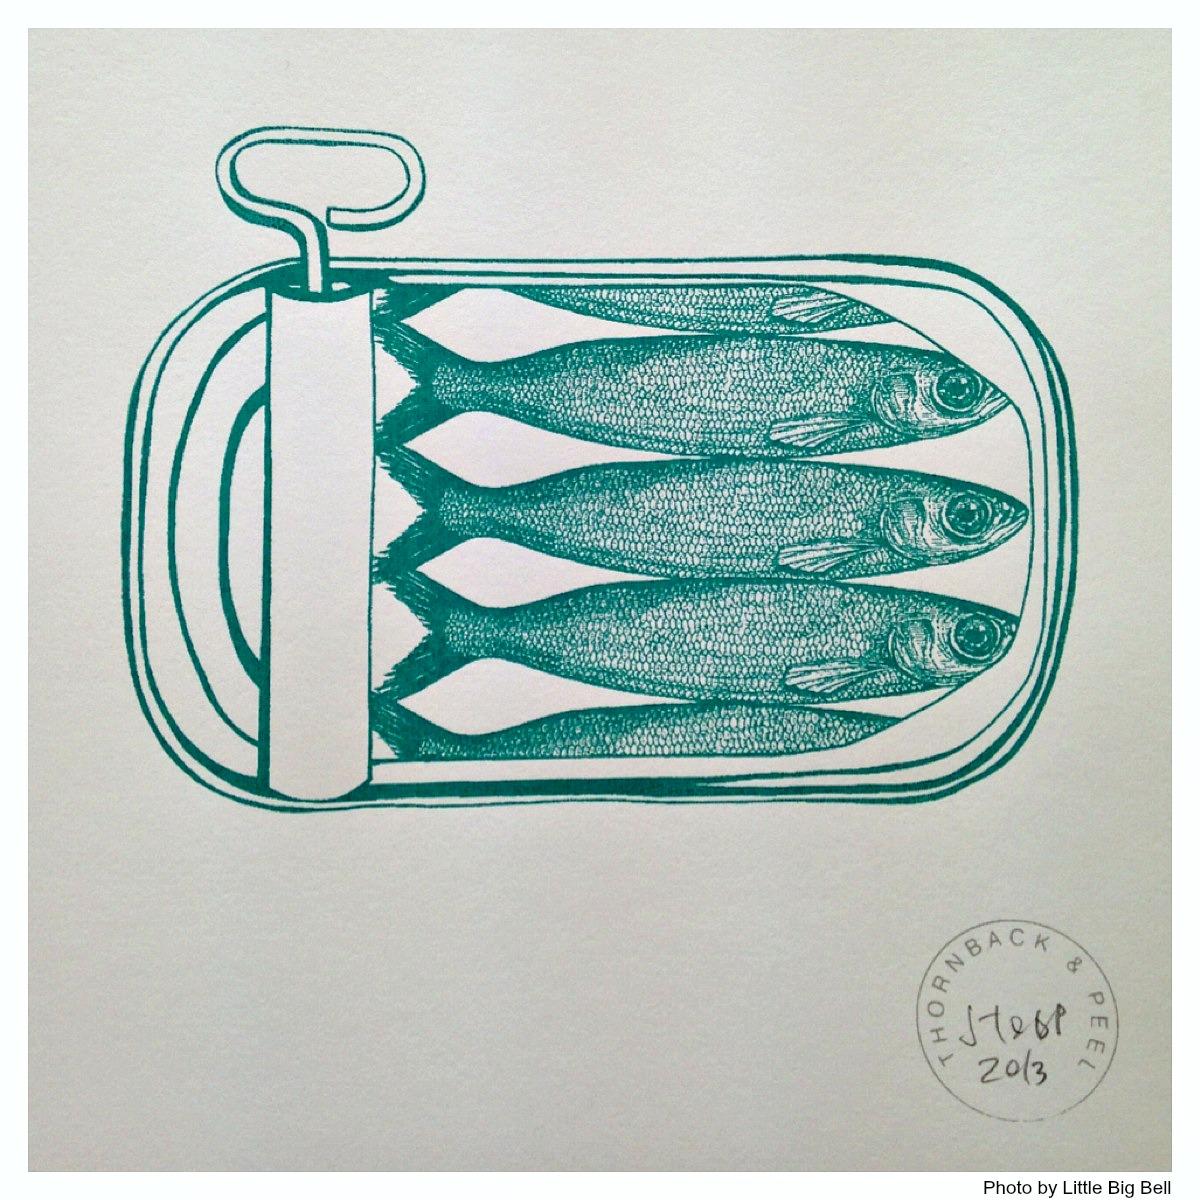 Thornback-and-Peel-sardines-print